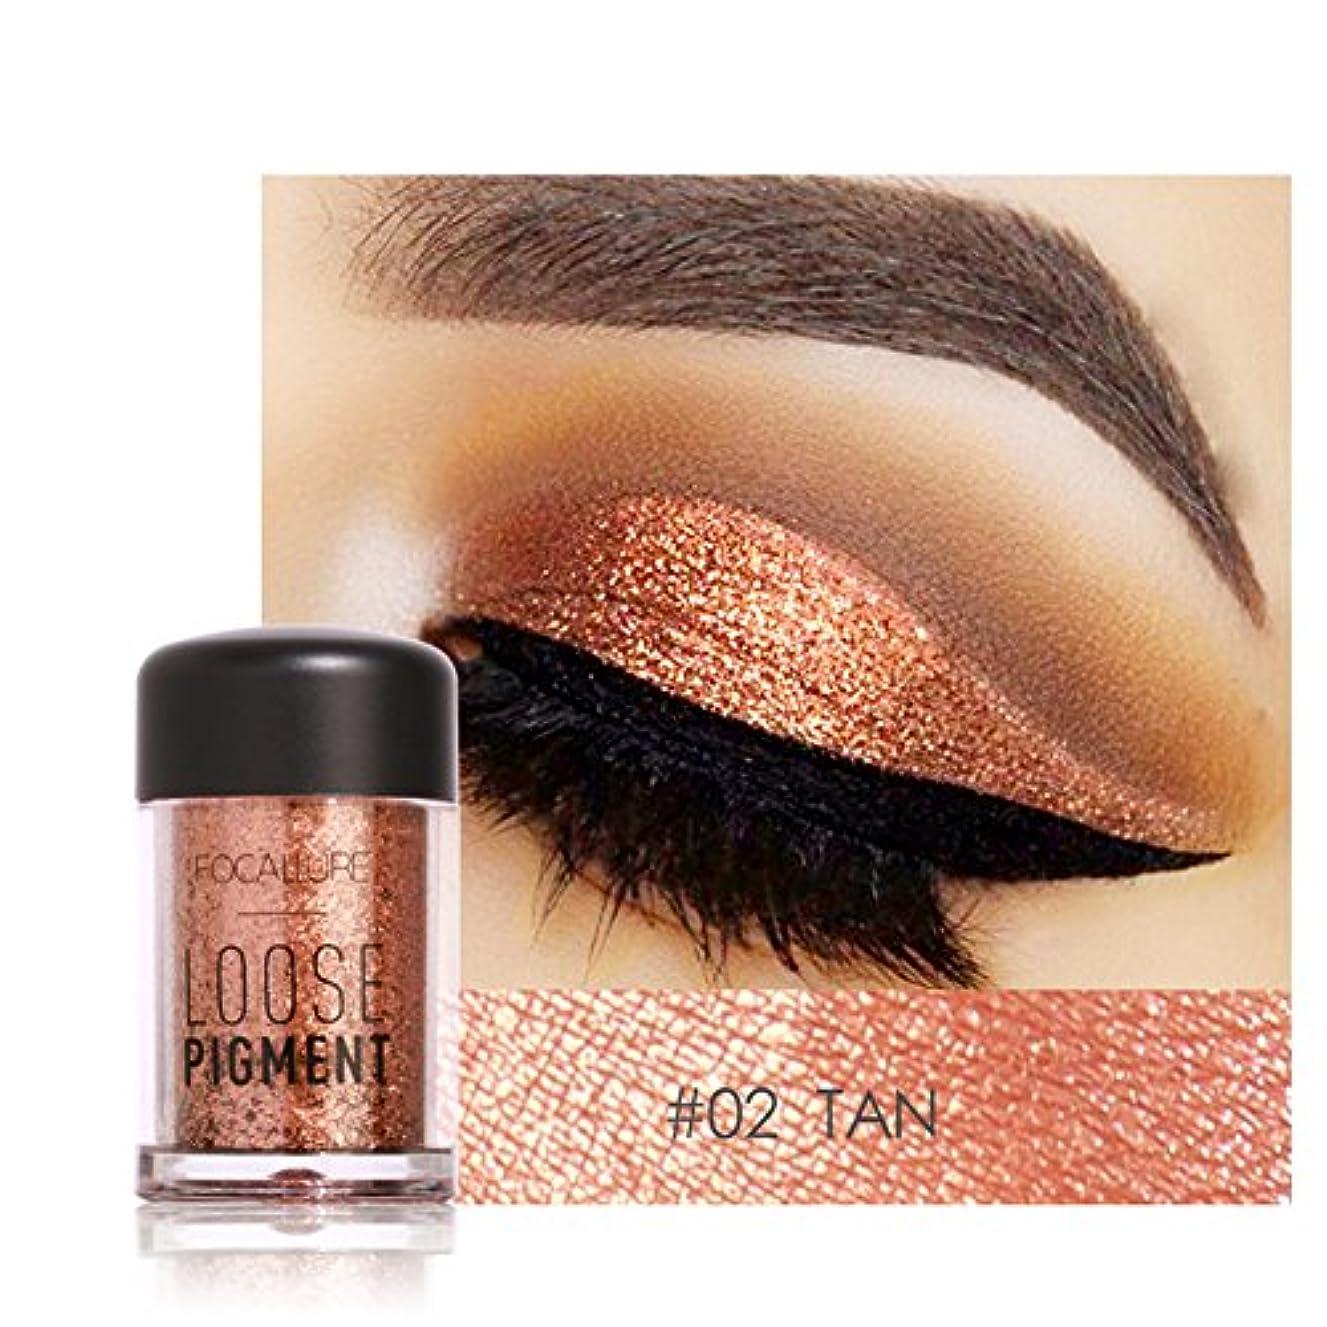 アイシャドウ、12色キラキラアイシャドービューティーアイ顔料ピグメントパウダー唇ルースメーキャップ化粧品(#2)